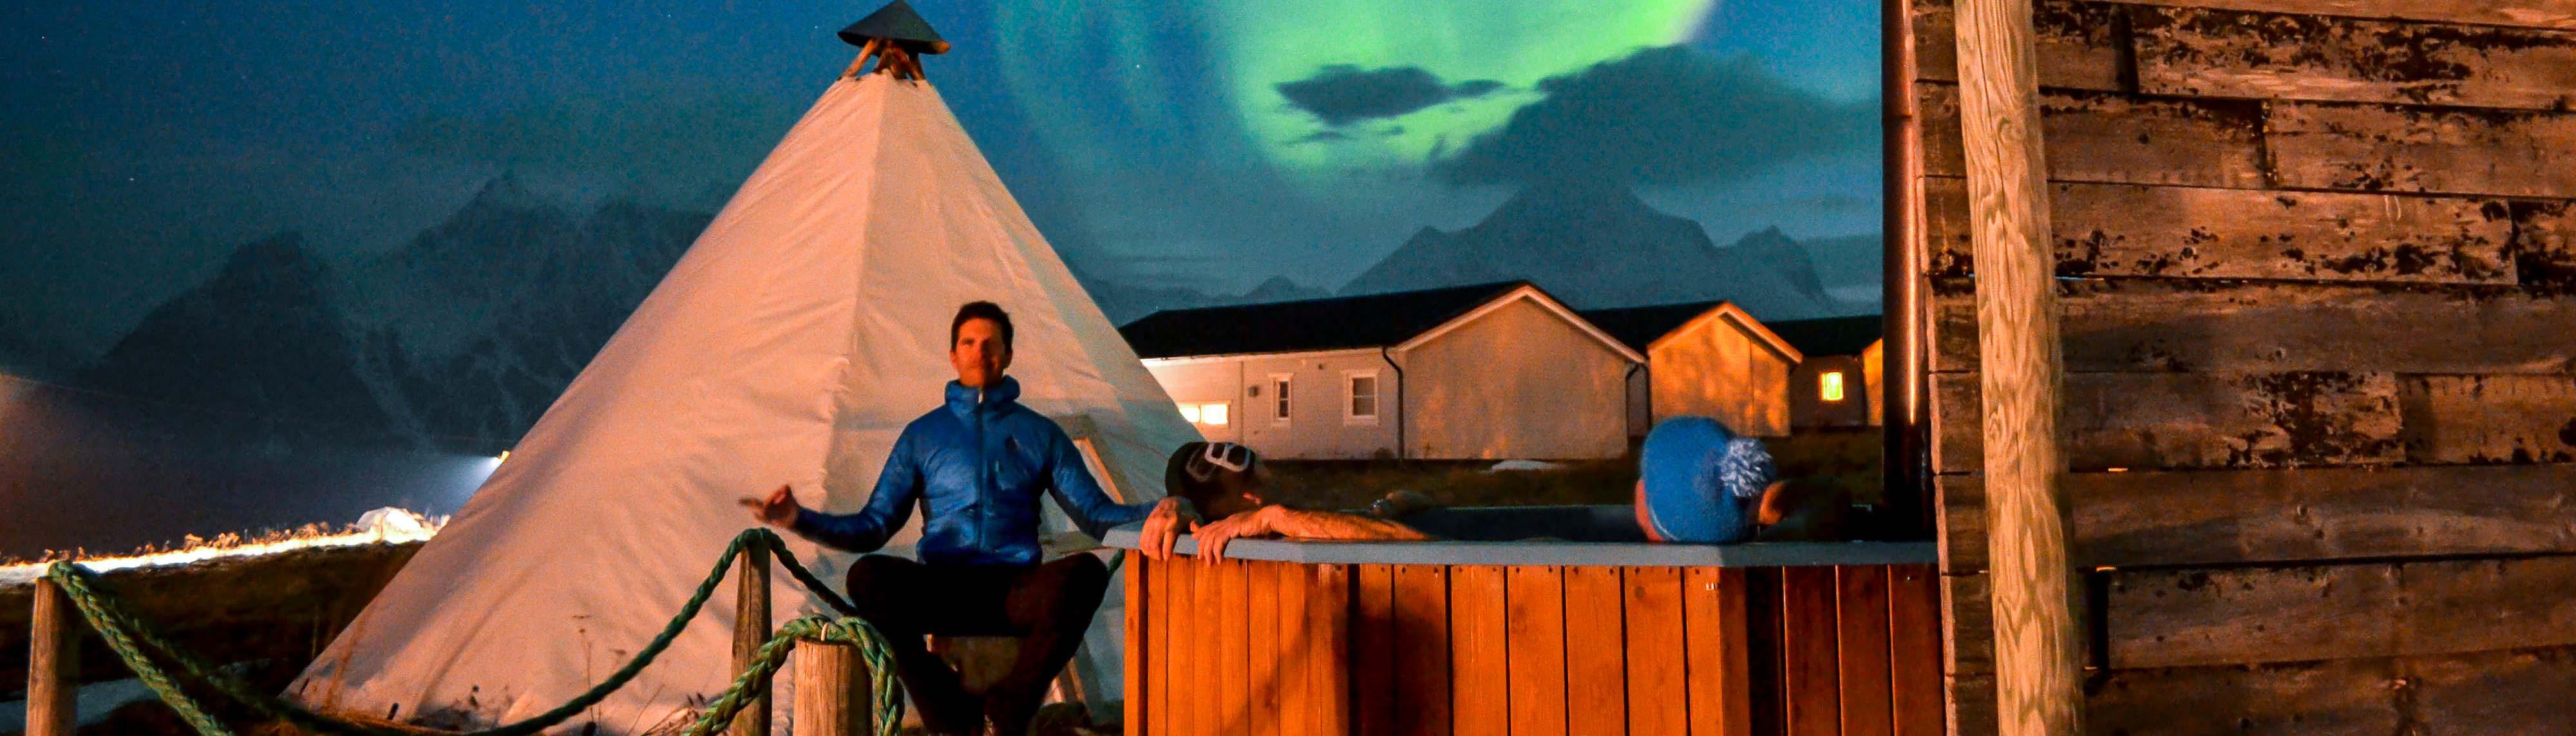 Skitour Norwegen mit Hotel